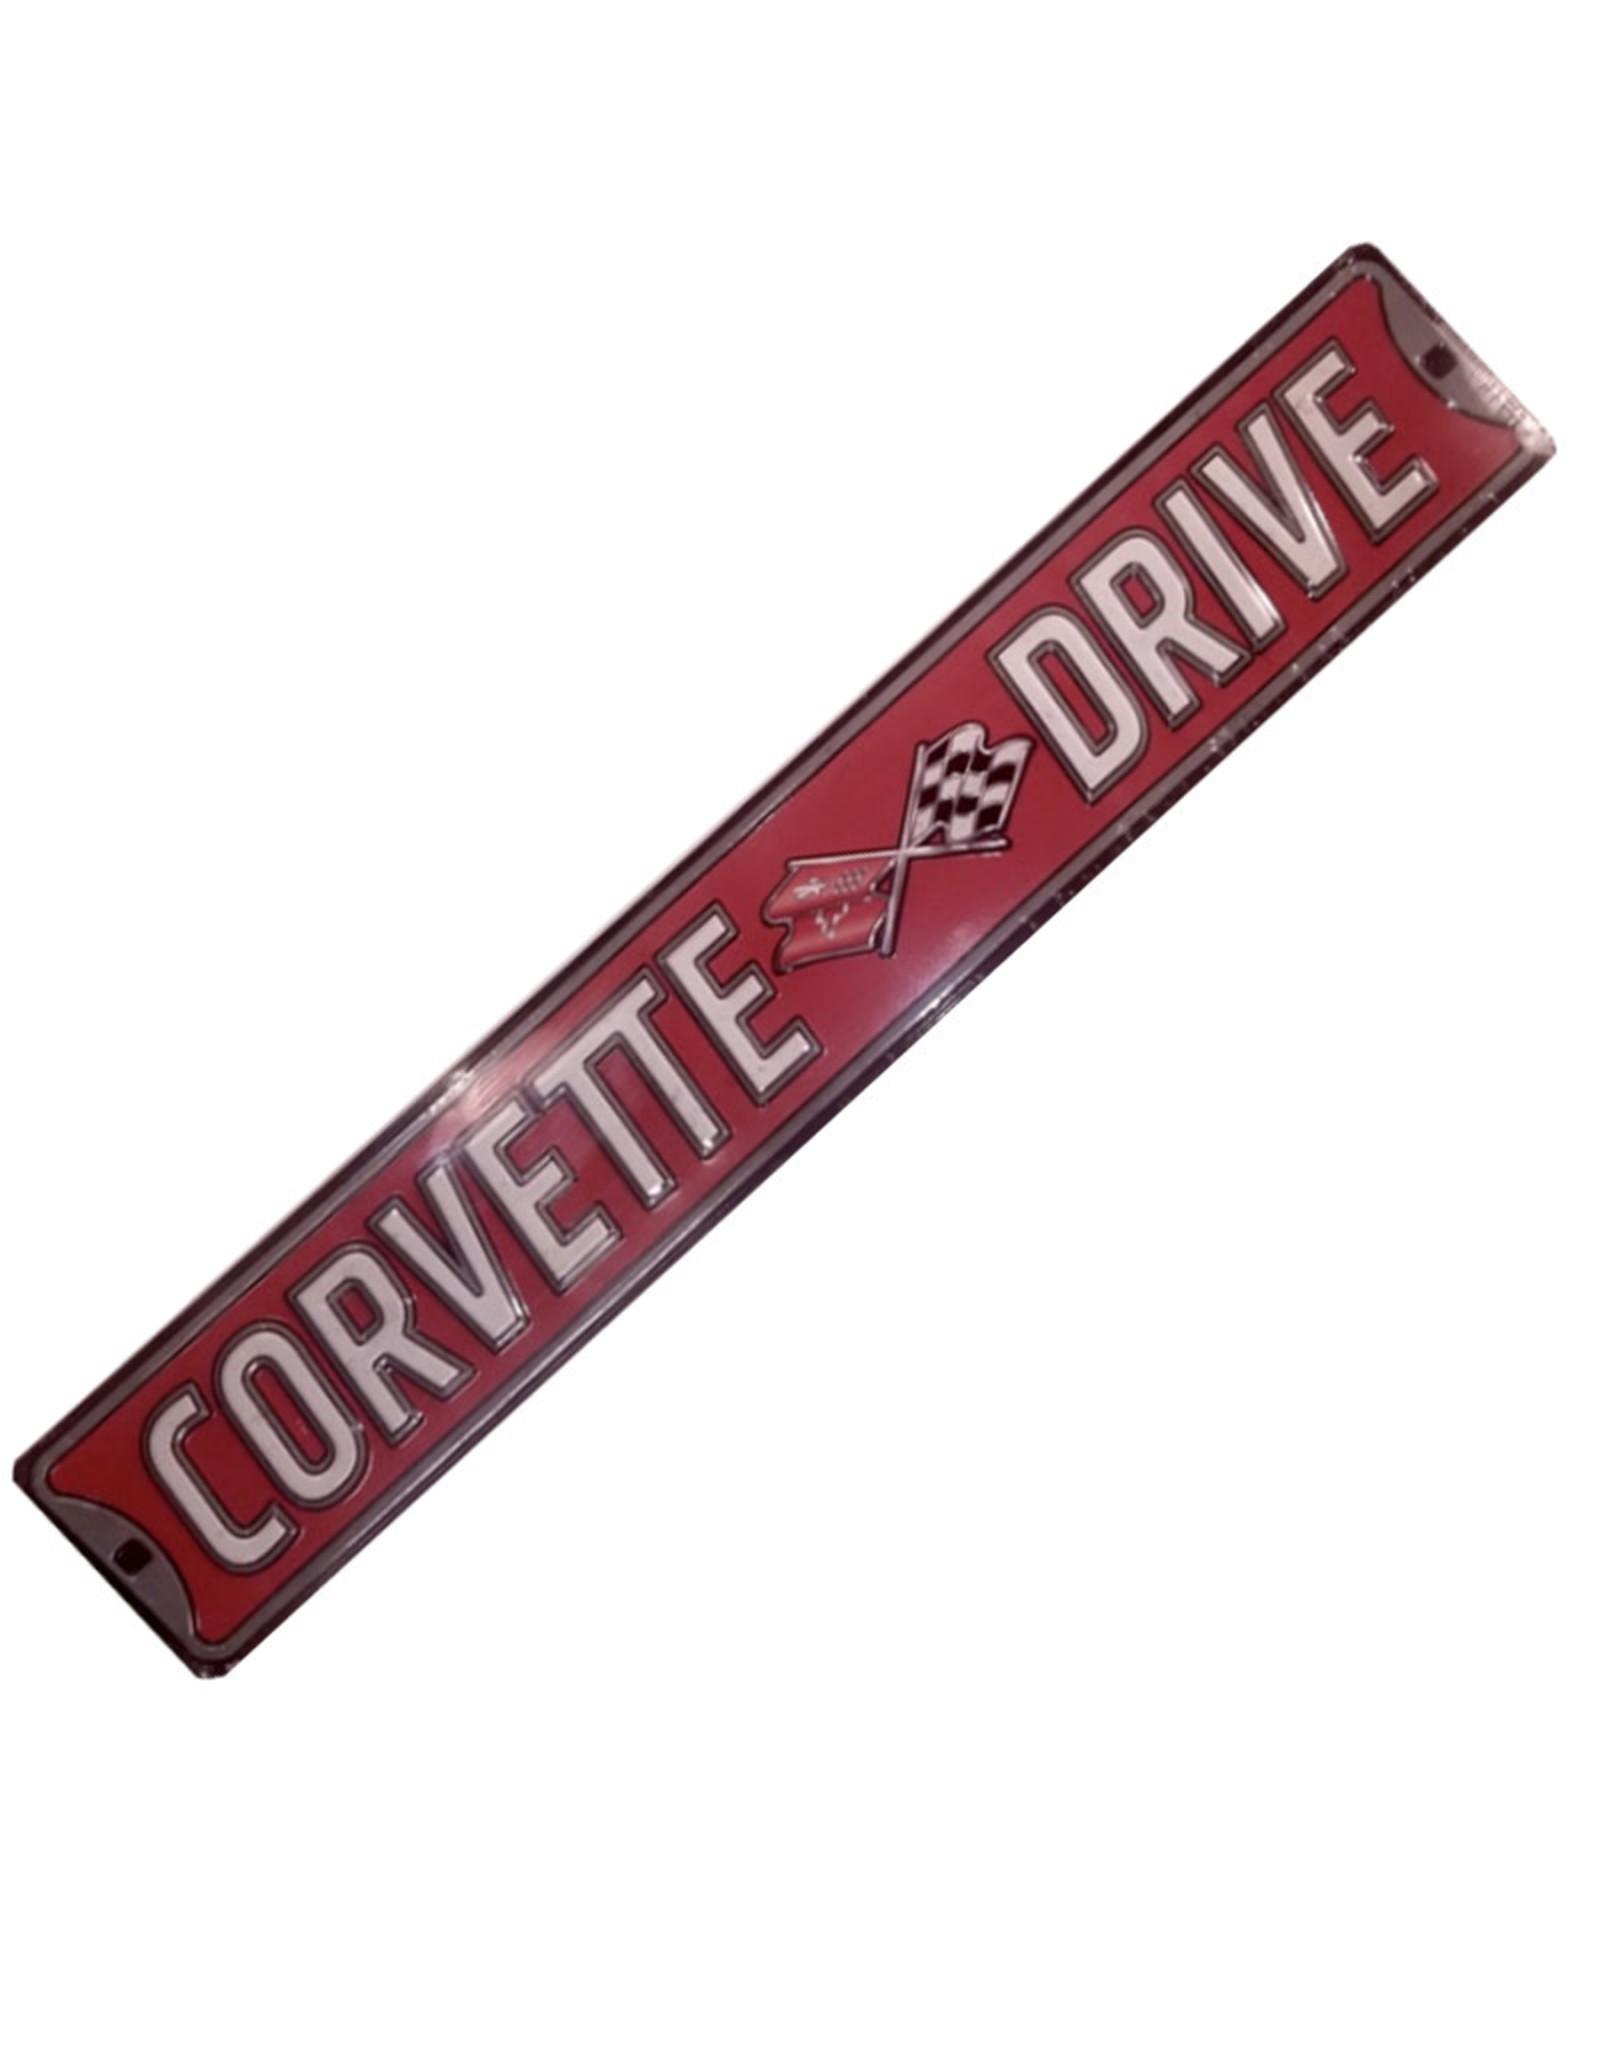 Corvette  ( Affiche de métal embossée ) Corvette drive